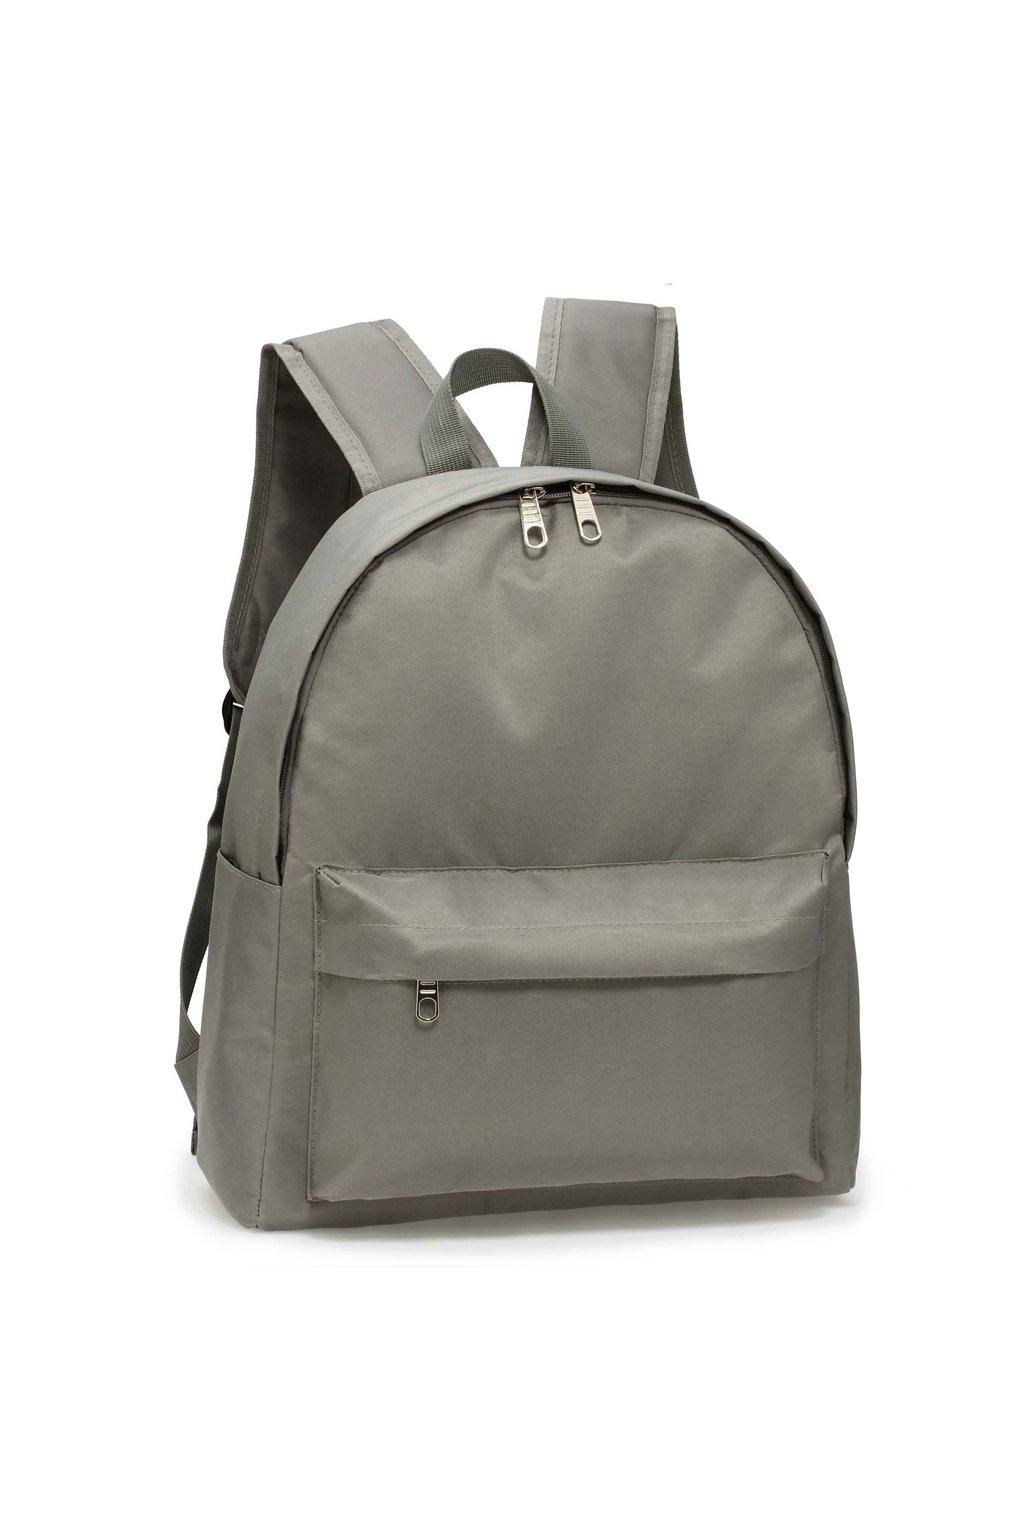 AG00584 Grey 1